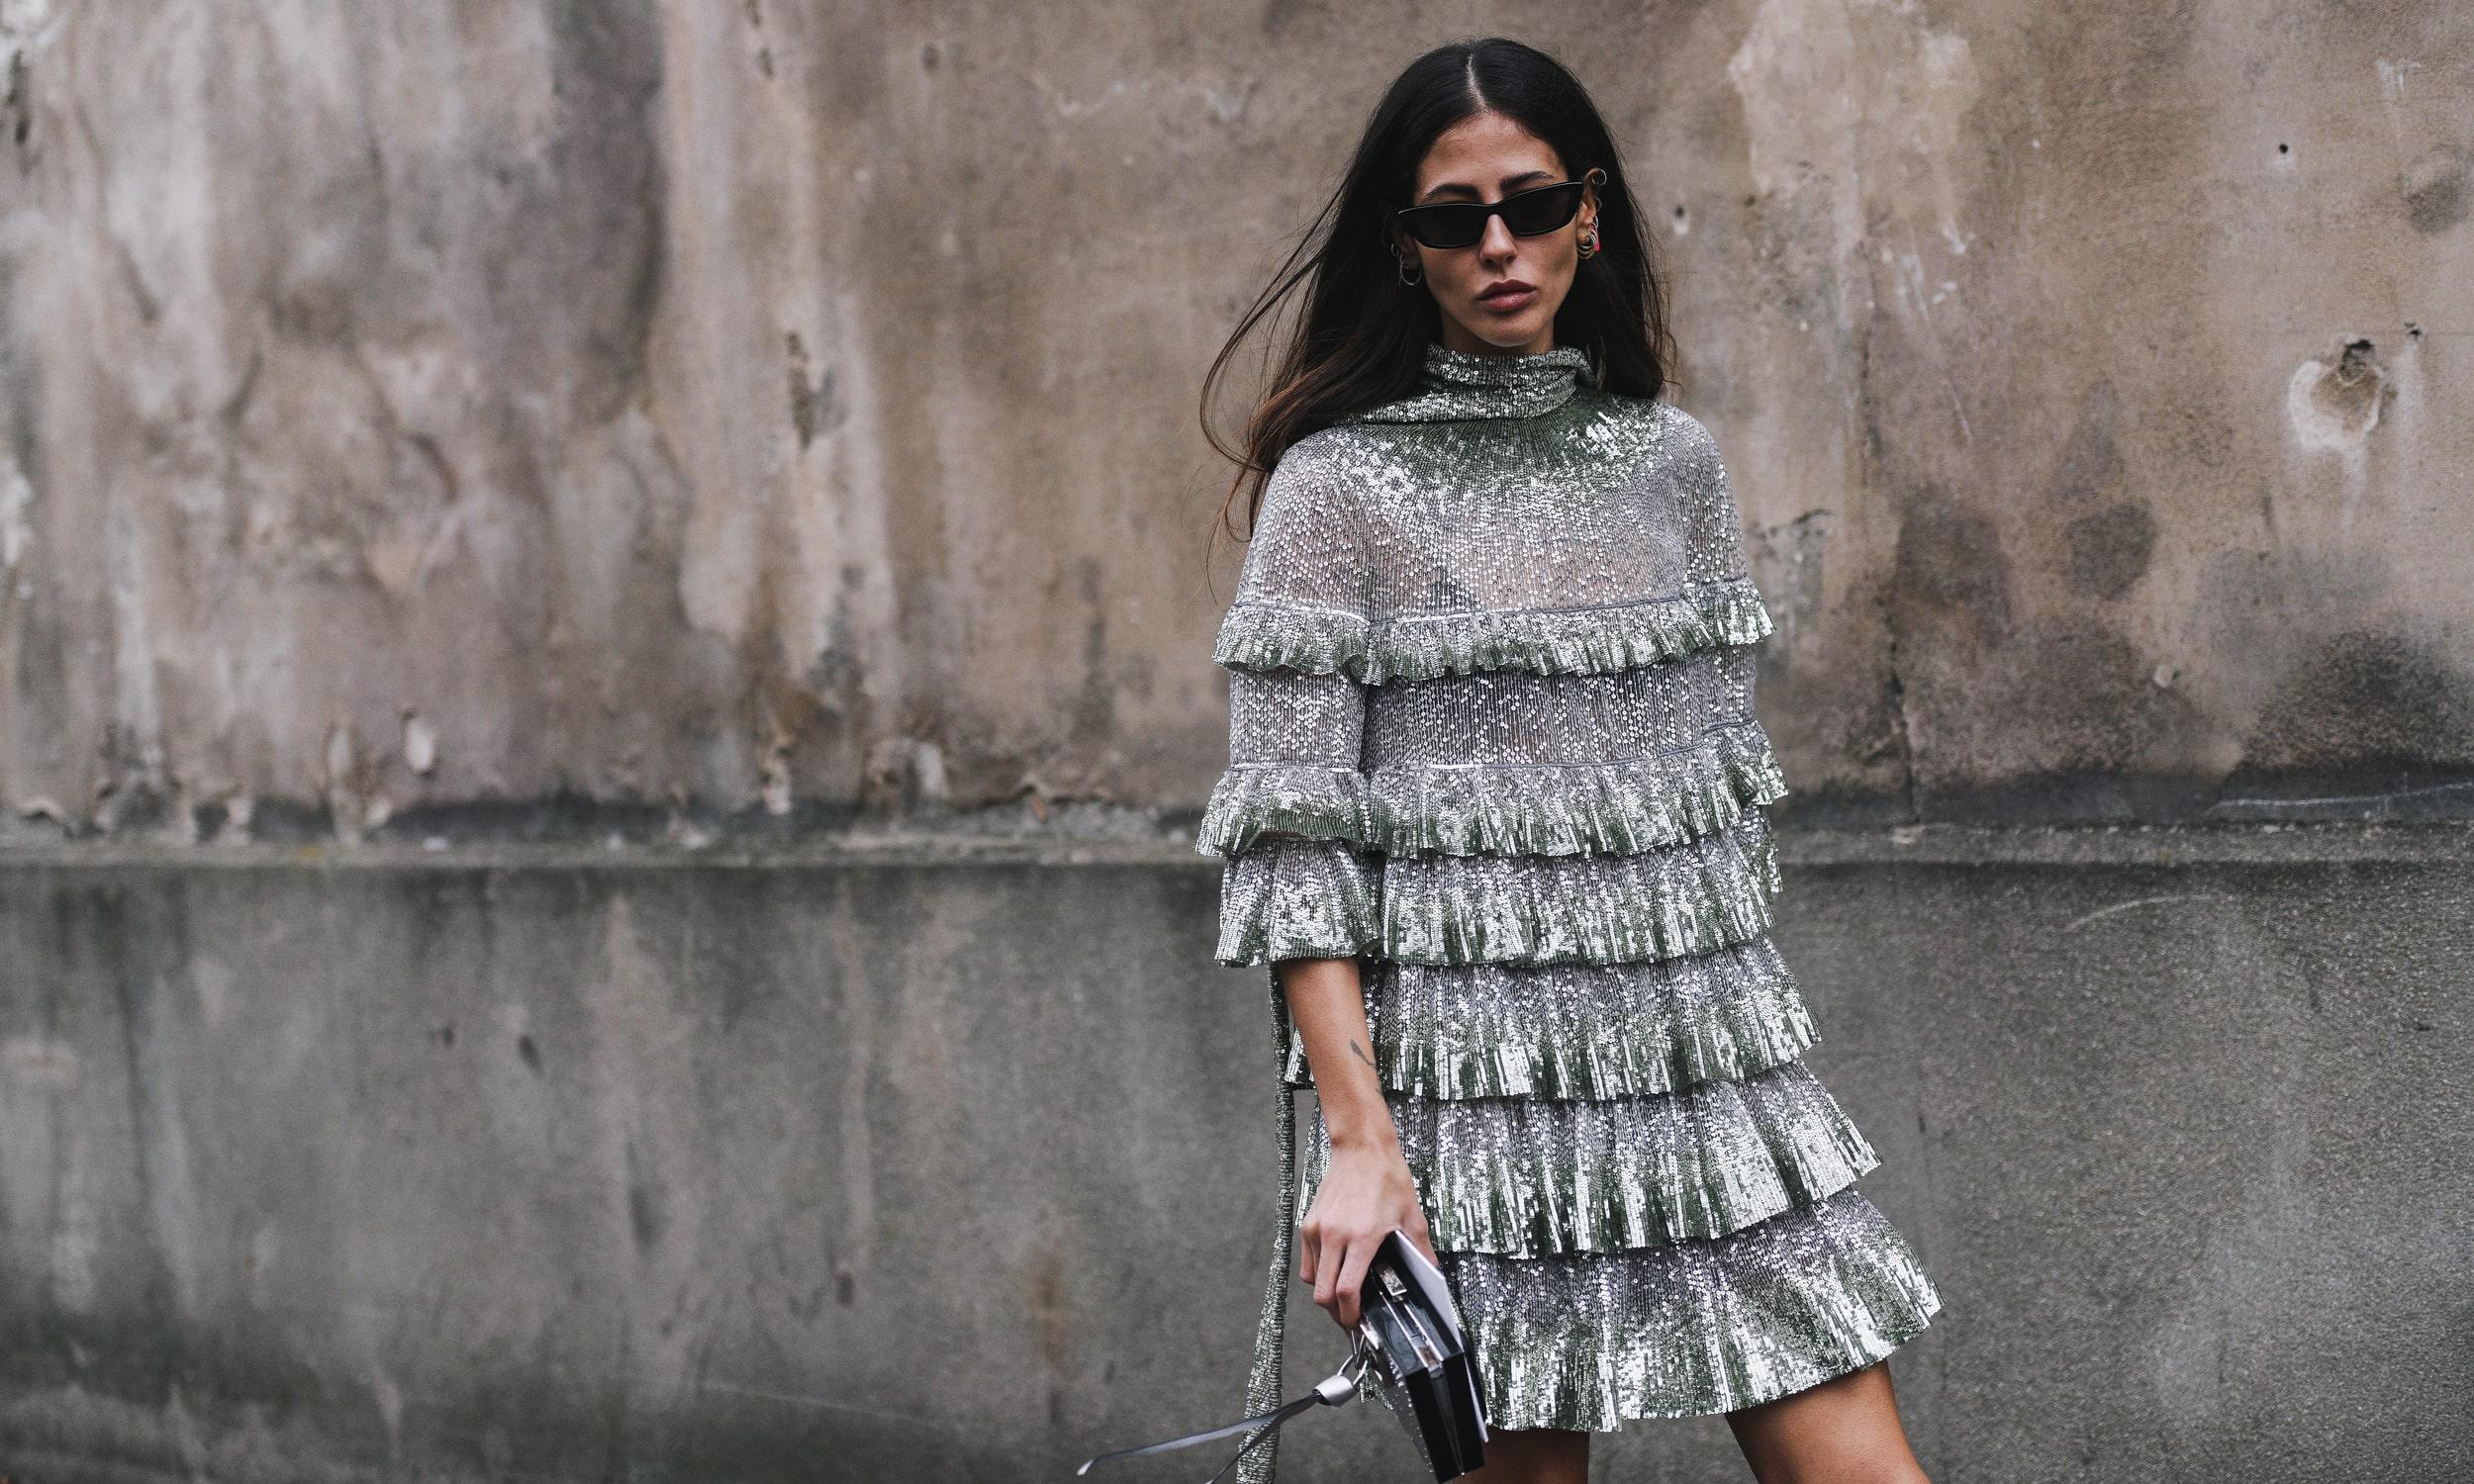 tüdruk linnas elegantses hõbedases kleidis